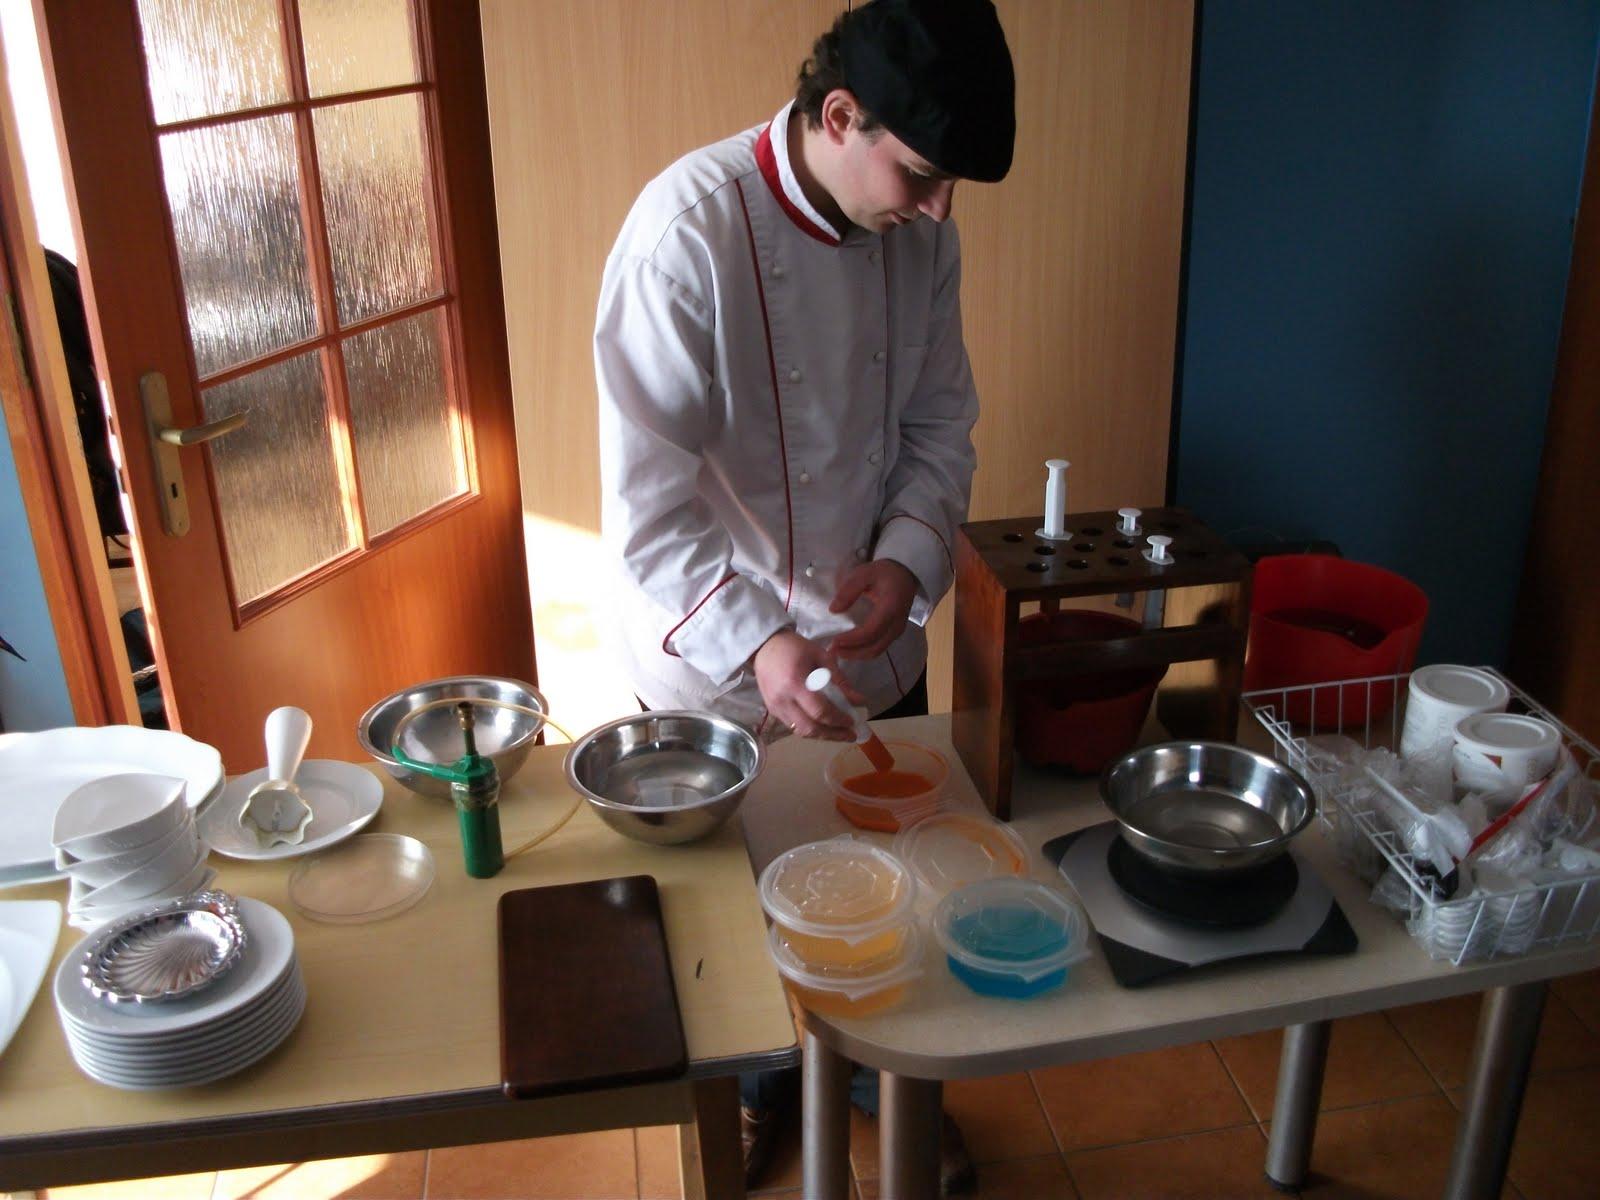 Pokaz sztuki kuchni molekularnej w ywkonaniu Mistrza Piotra Krawczyka- specjalnie dla Mietka z okazji jego 19 urodzin.